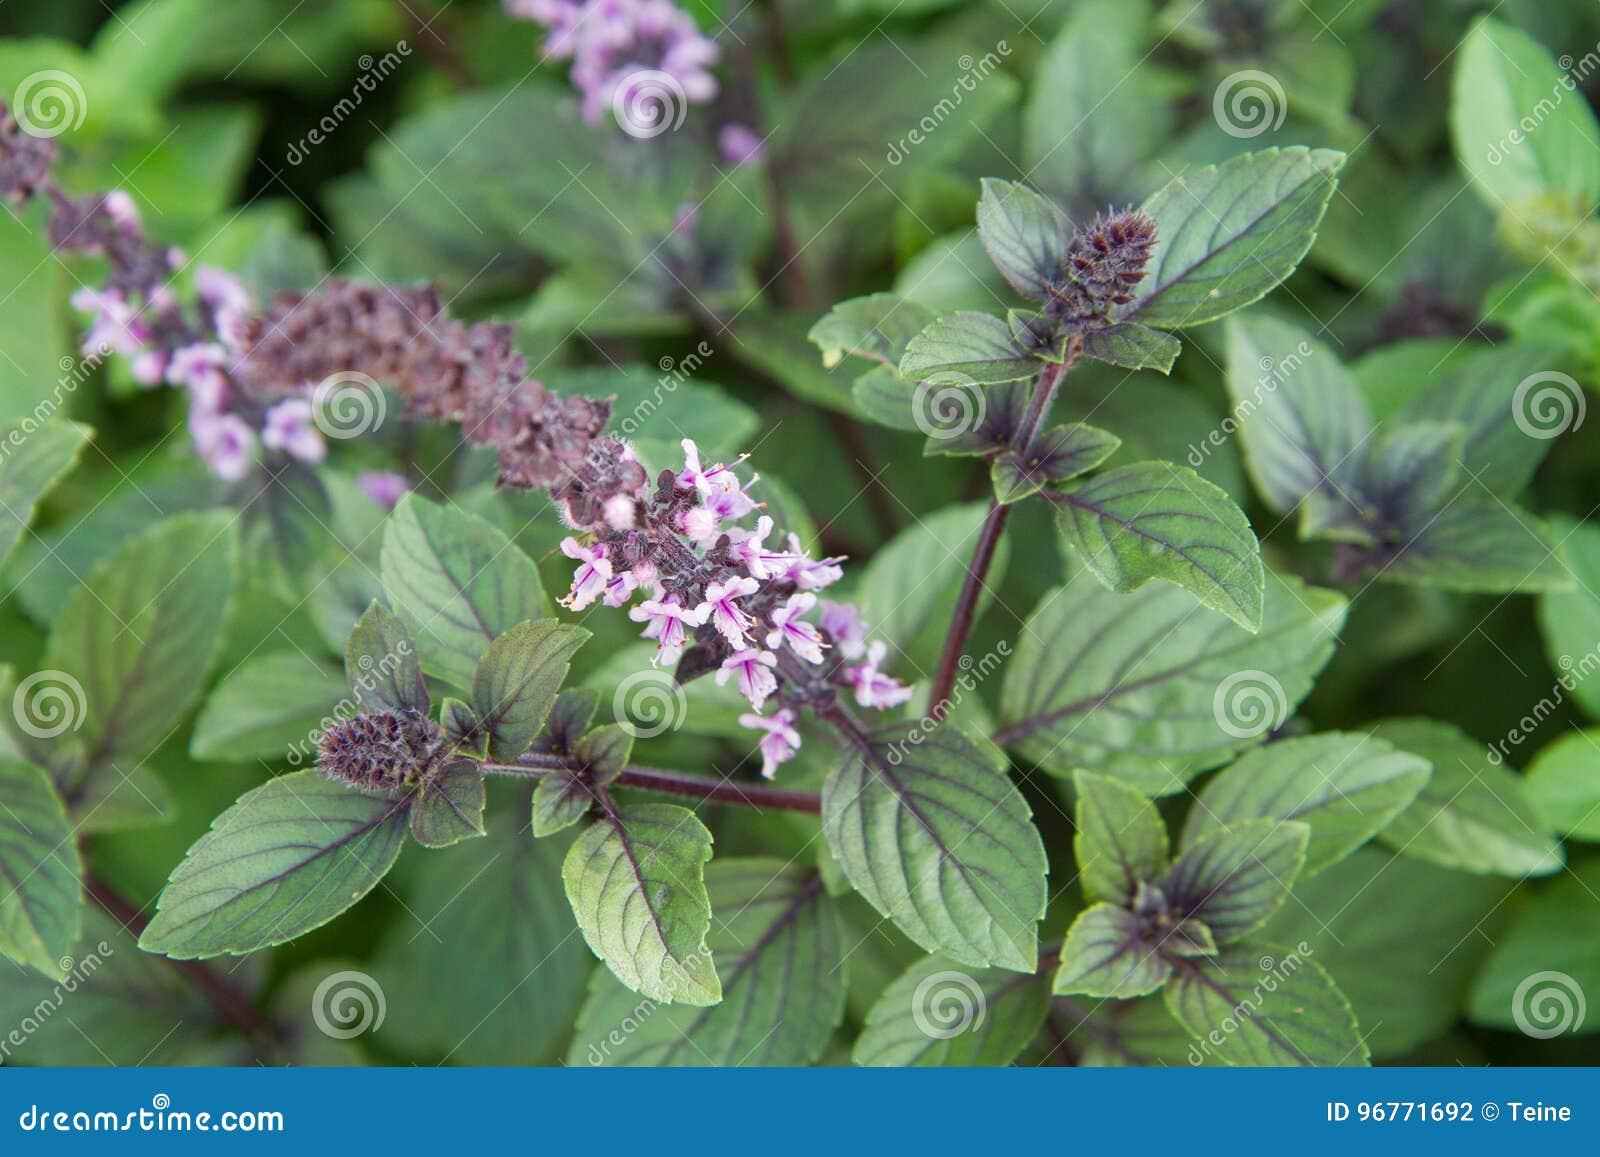 Herb: mint